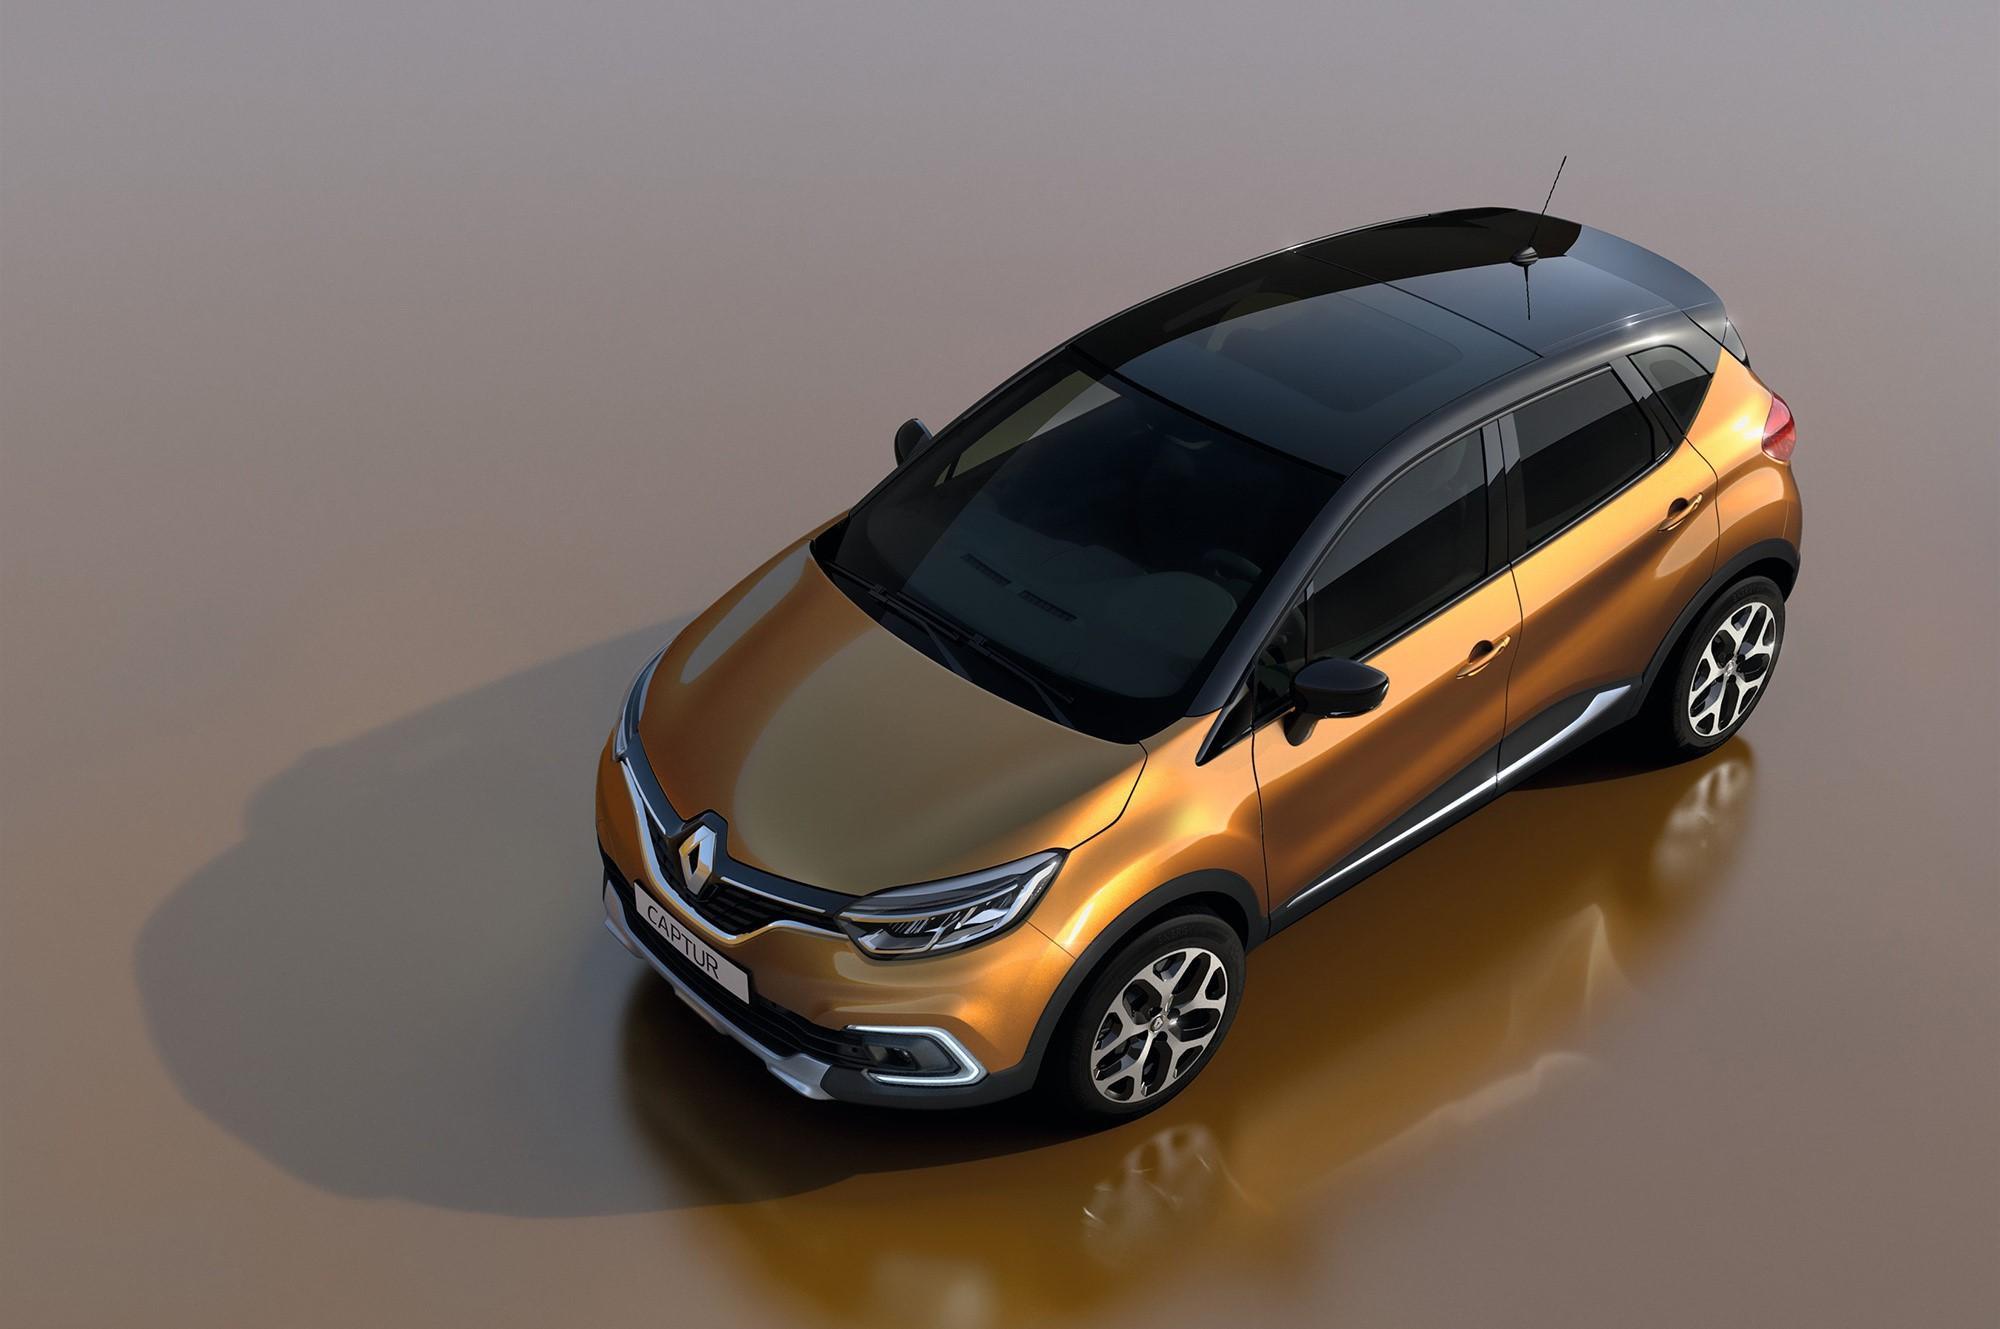 Renault Captur Computer Wallpapers